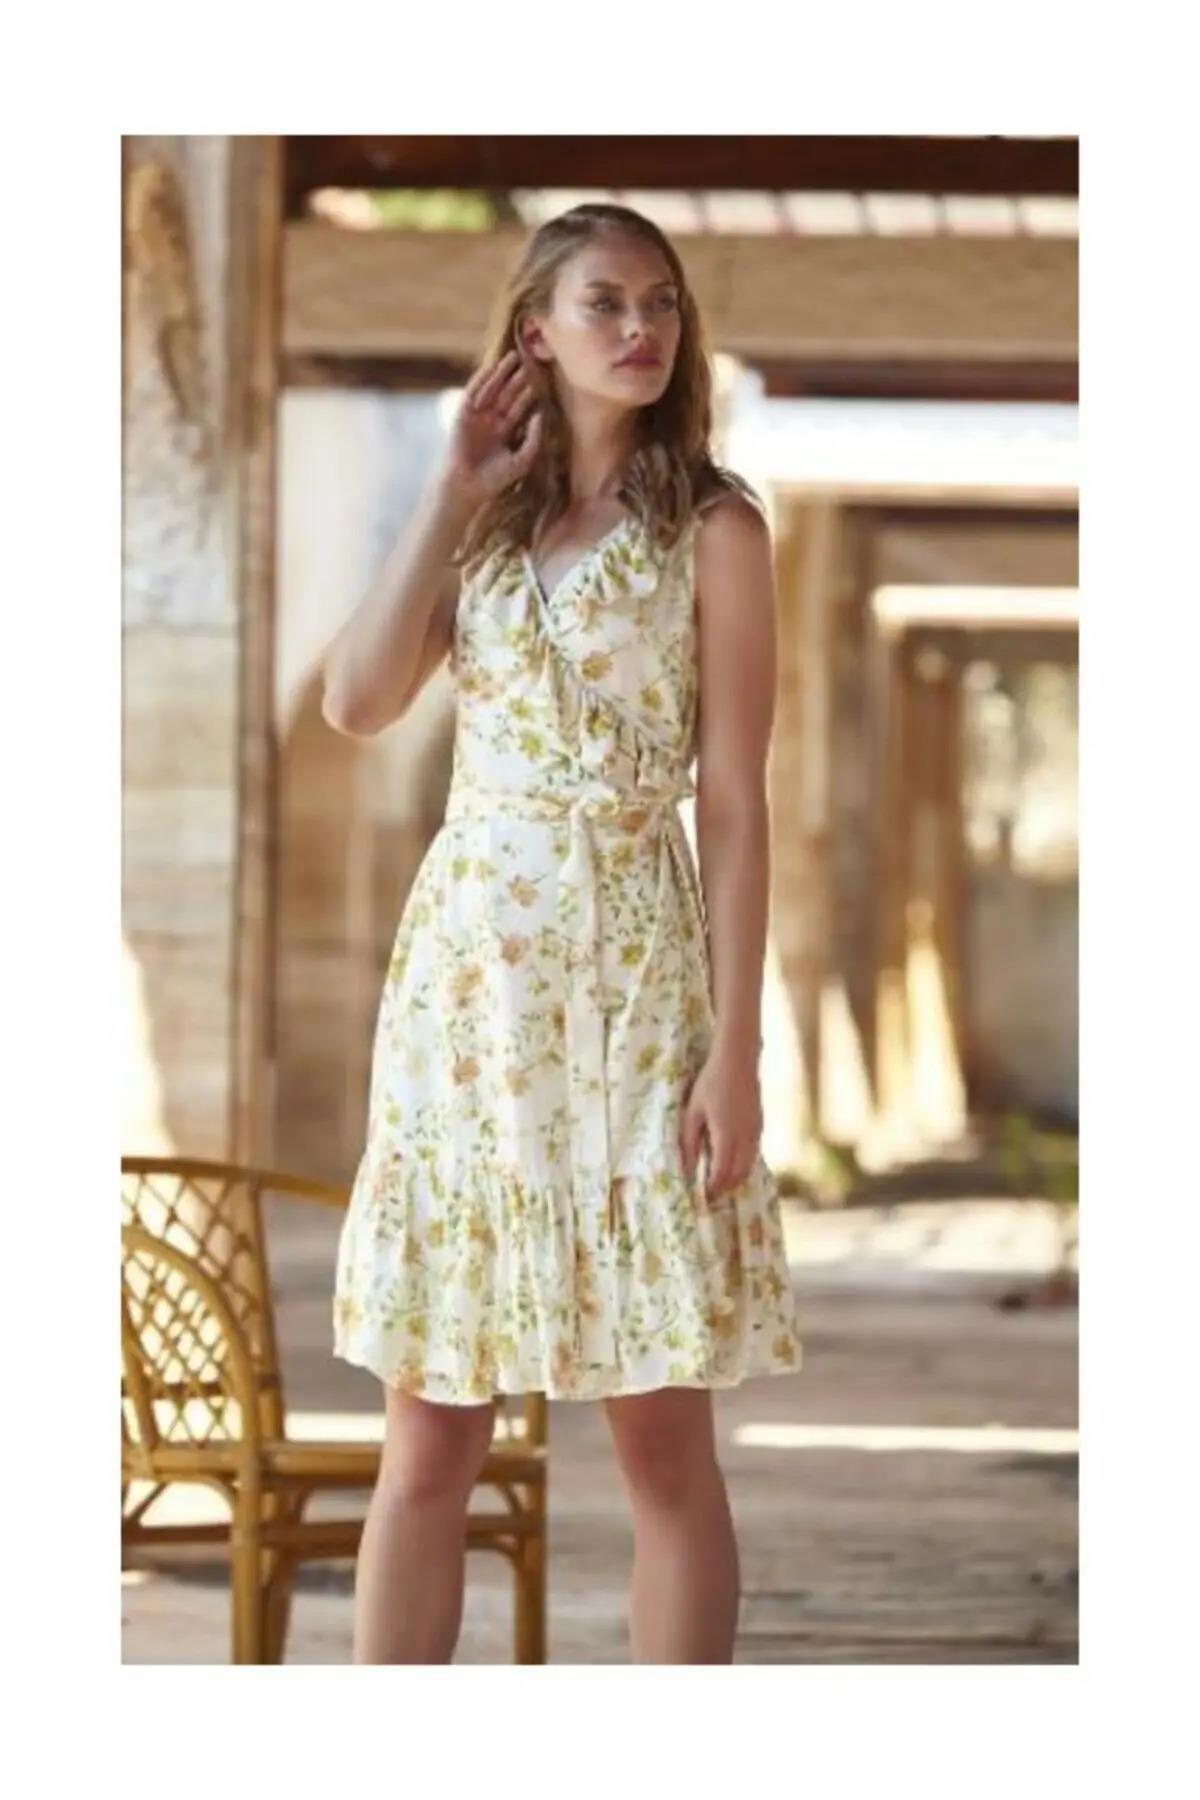 Penyemood Penye Mood 8752 Kadın Sarı Çiçek Desenli Elbise 1